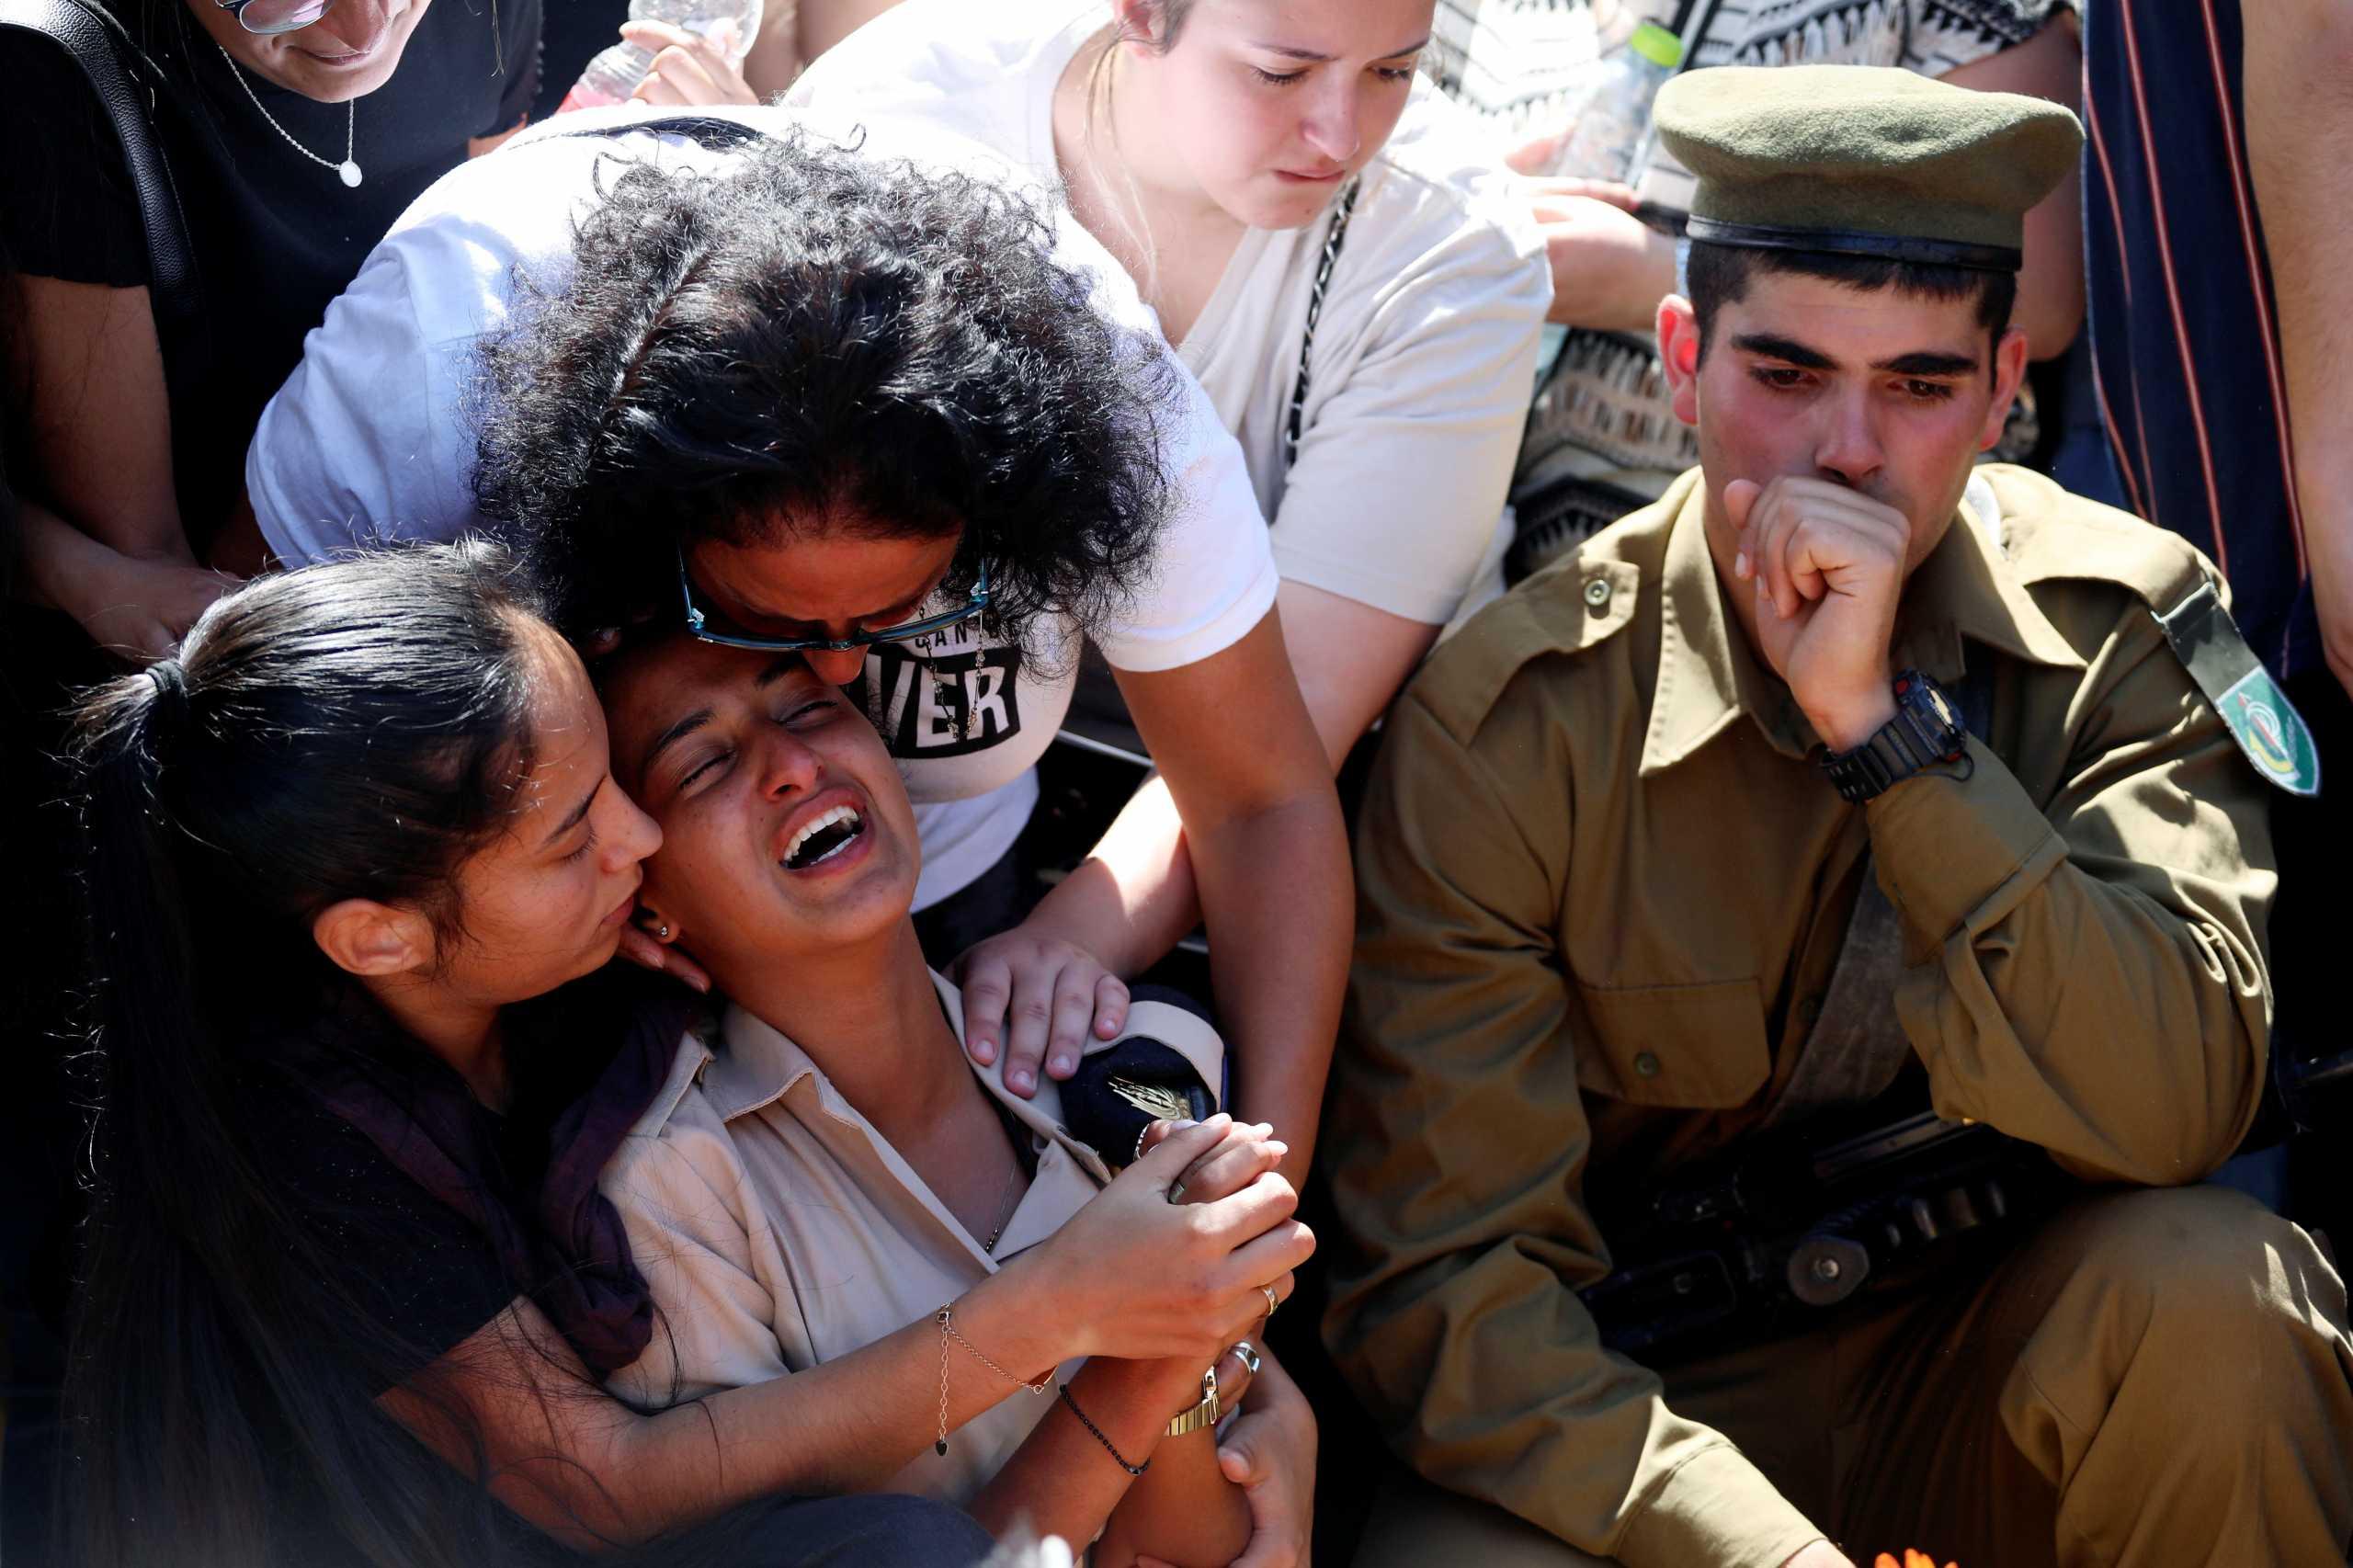 83 νεκροί Παλαιστίνιοι στις ισραηλινές επιδρομές – Μαζική ενίσχυση δυνάμεων ασφαλείας στις πόλεις με μικτό πληθυσμό